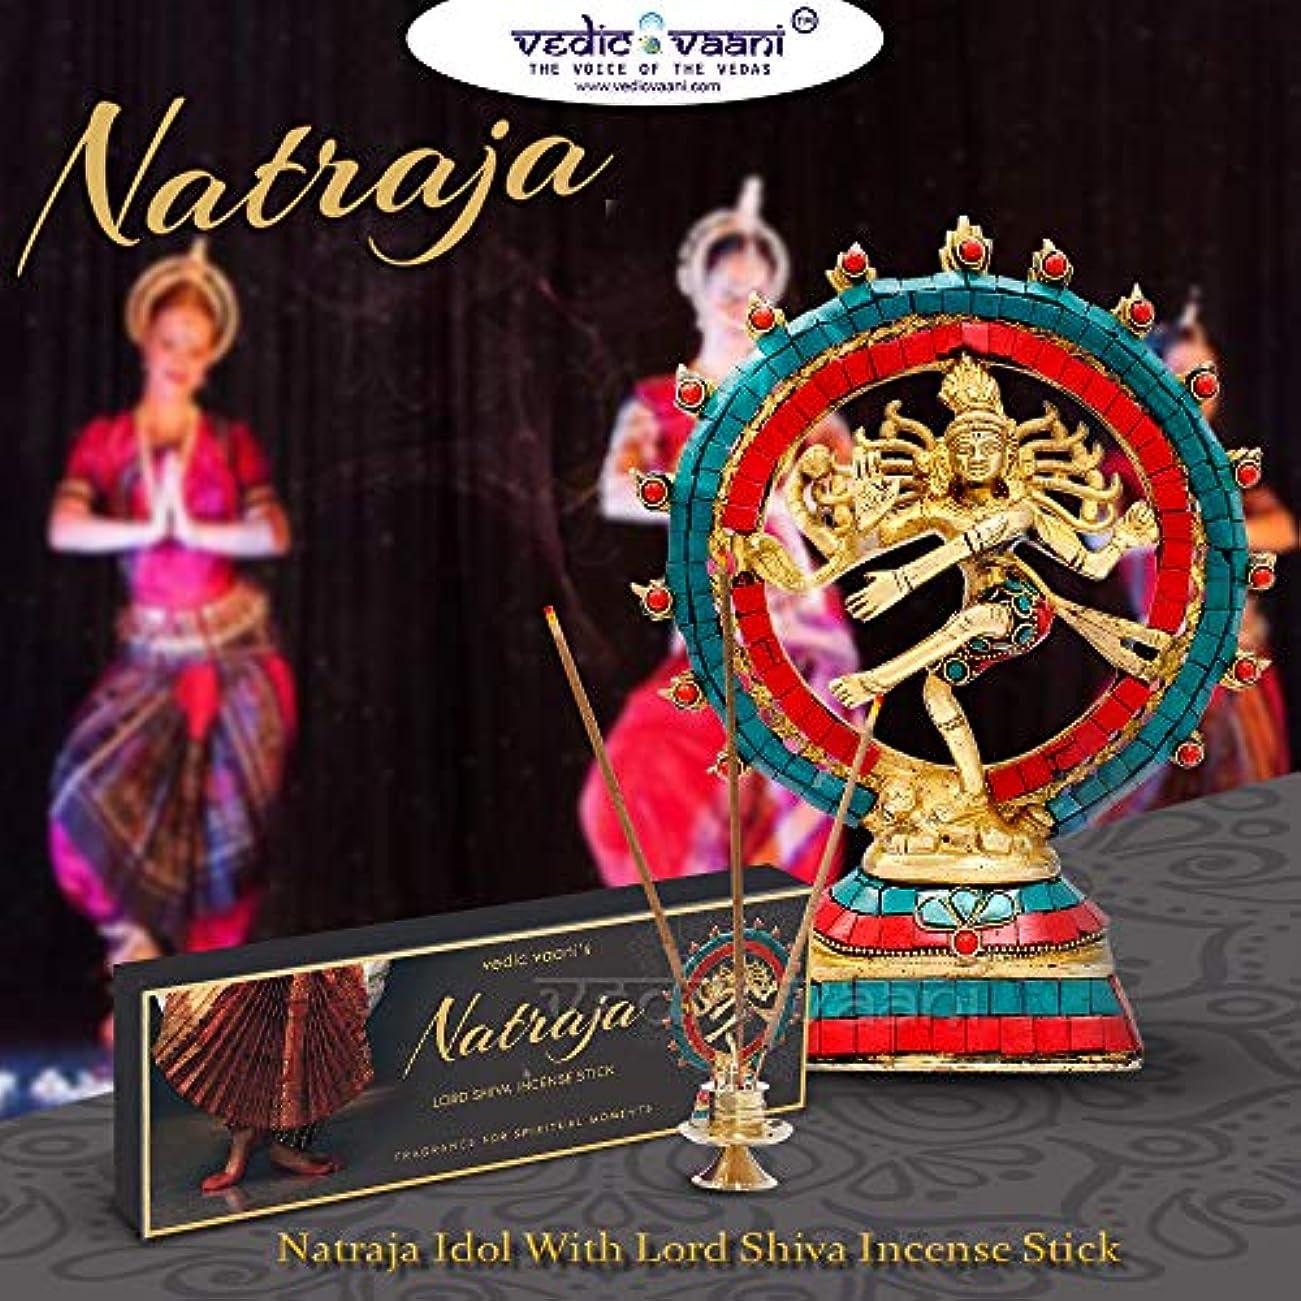 軽く経済採用するVedic Vaani Natraj (Lord Shiva) 踊る人形 Natraja お香付き - 100 GM